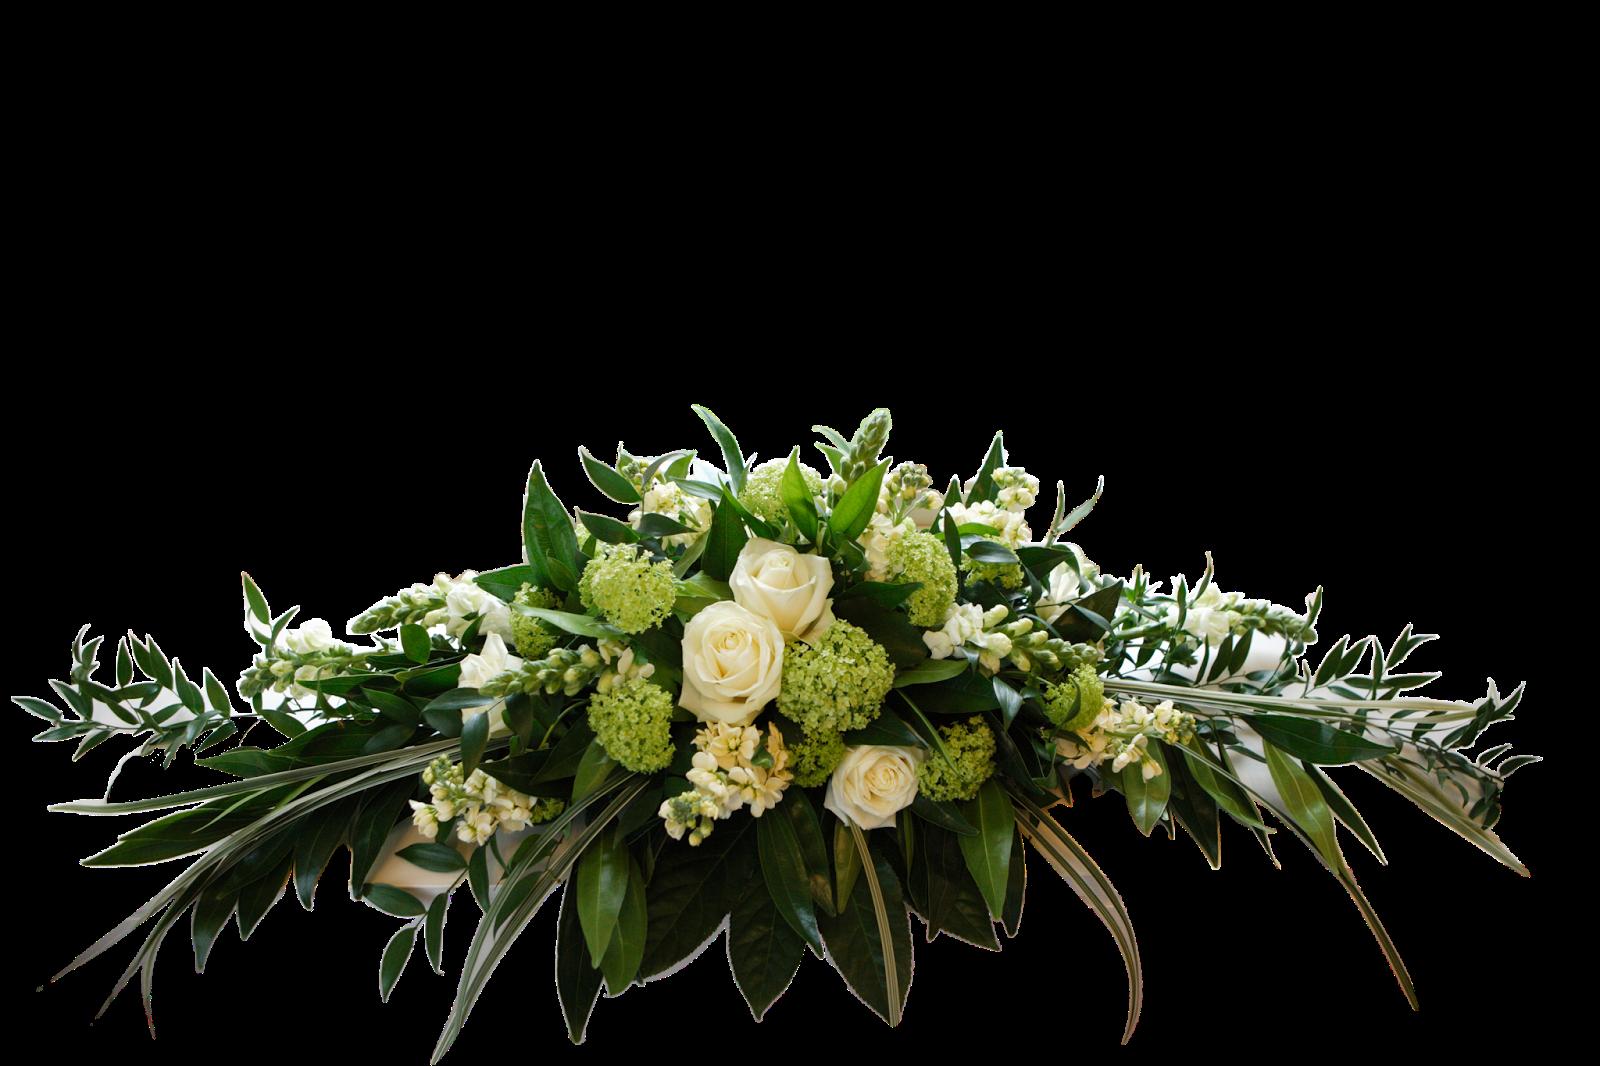 Wedding flowers png pixshark images galleries